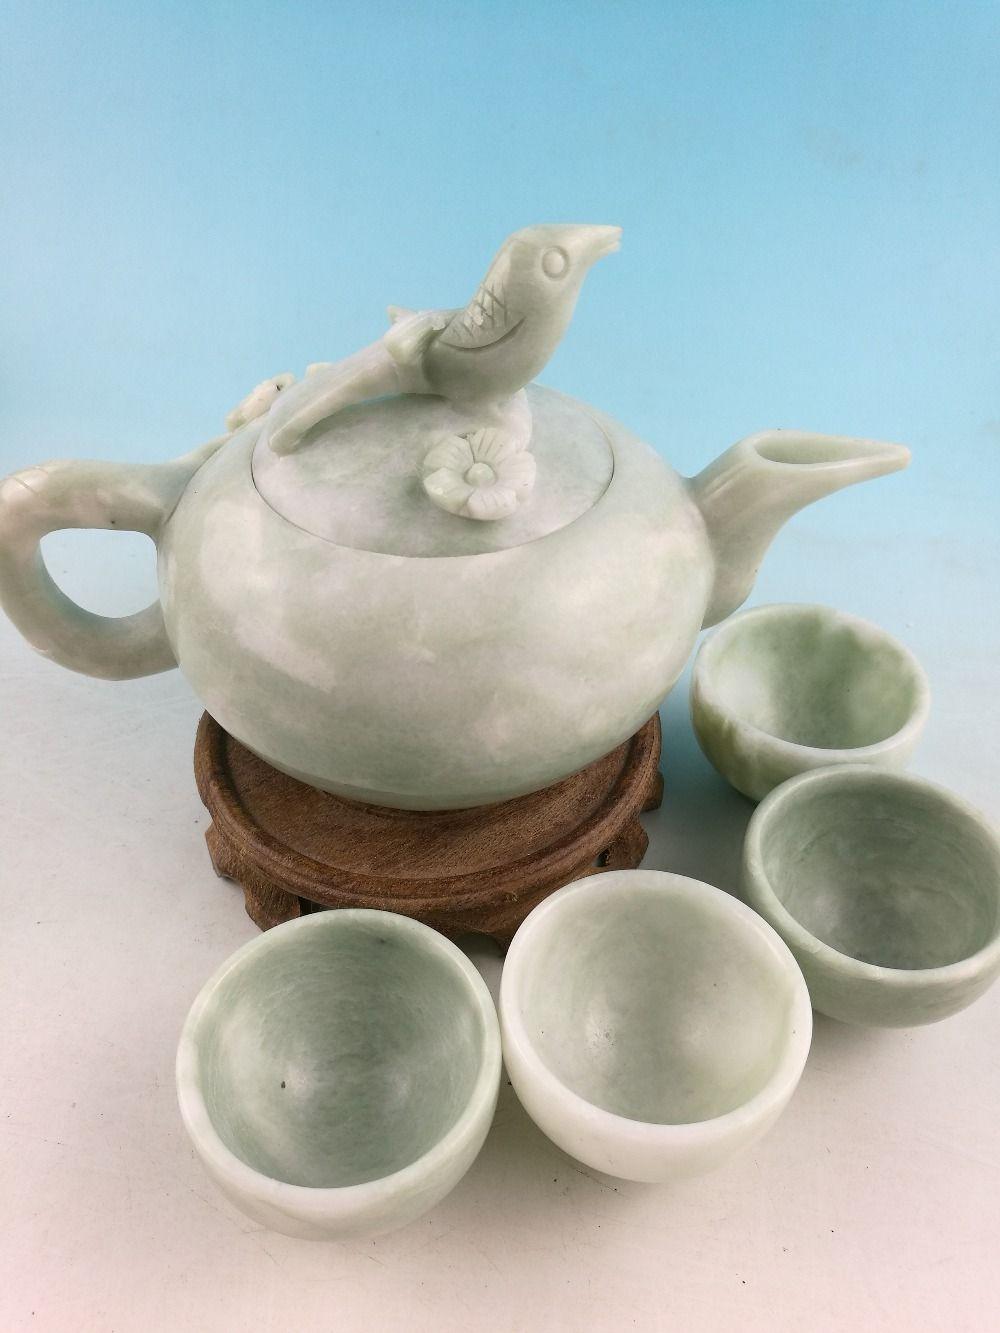 China100 % Natürliche jade handgeschnitzten tasse Statuen China jade geschnitzte jade teekanne teekanne vier tassen tee Kung Fu